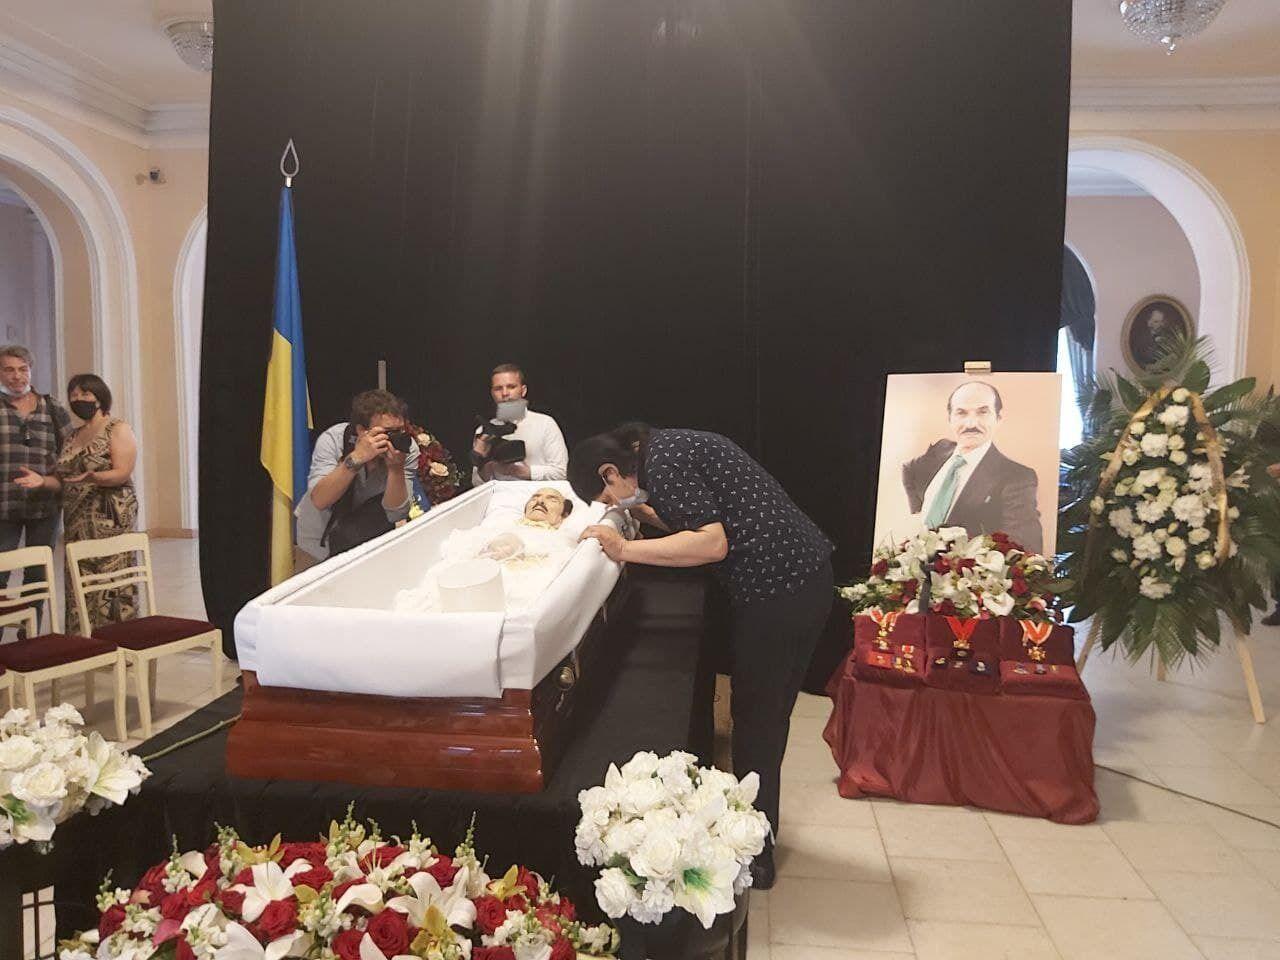 Павло Зібров попрощався з Григорієм Чапкісом